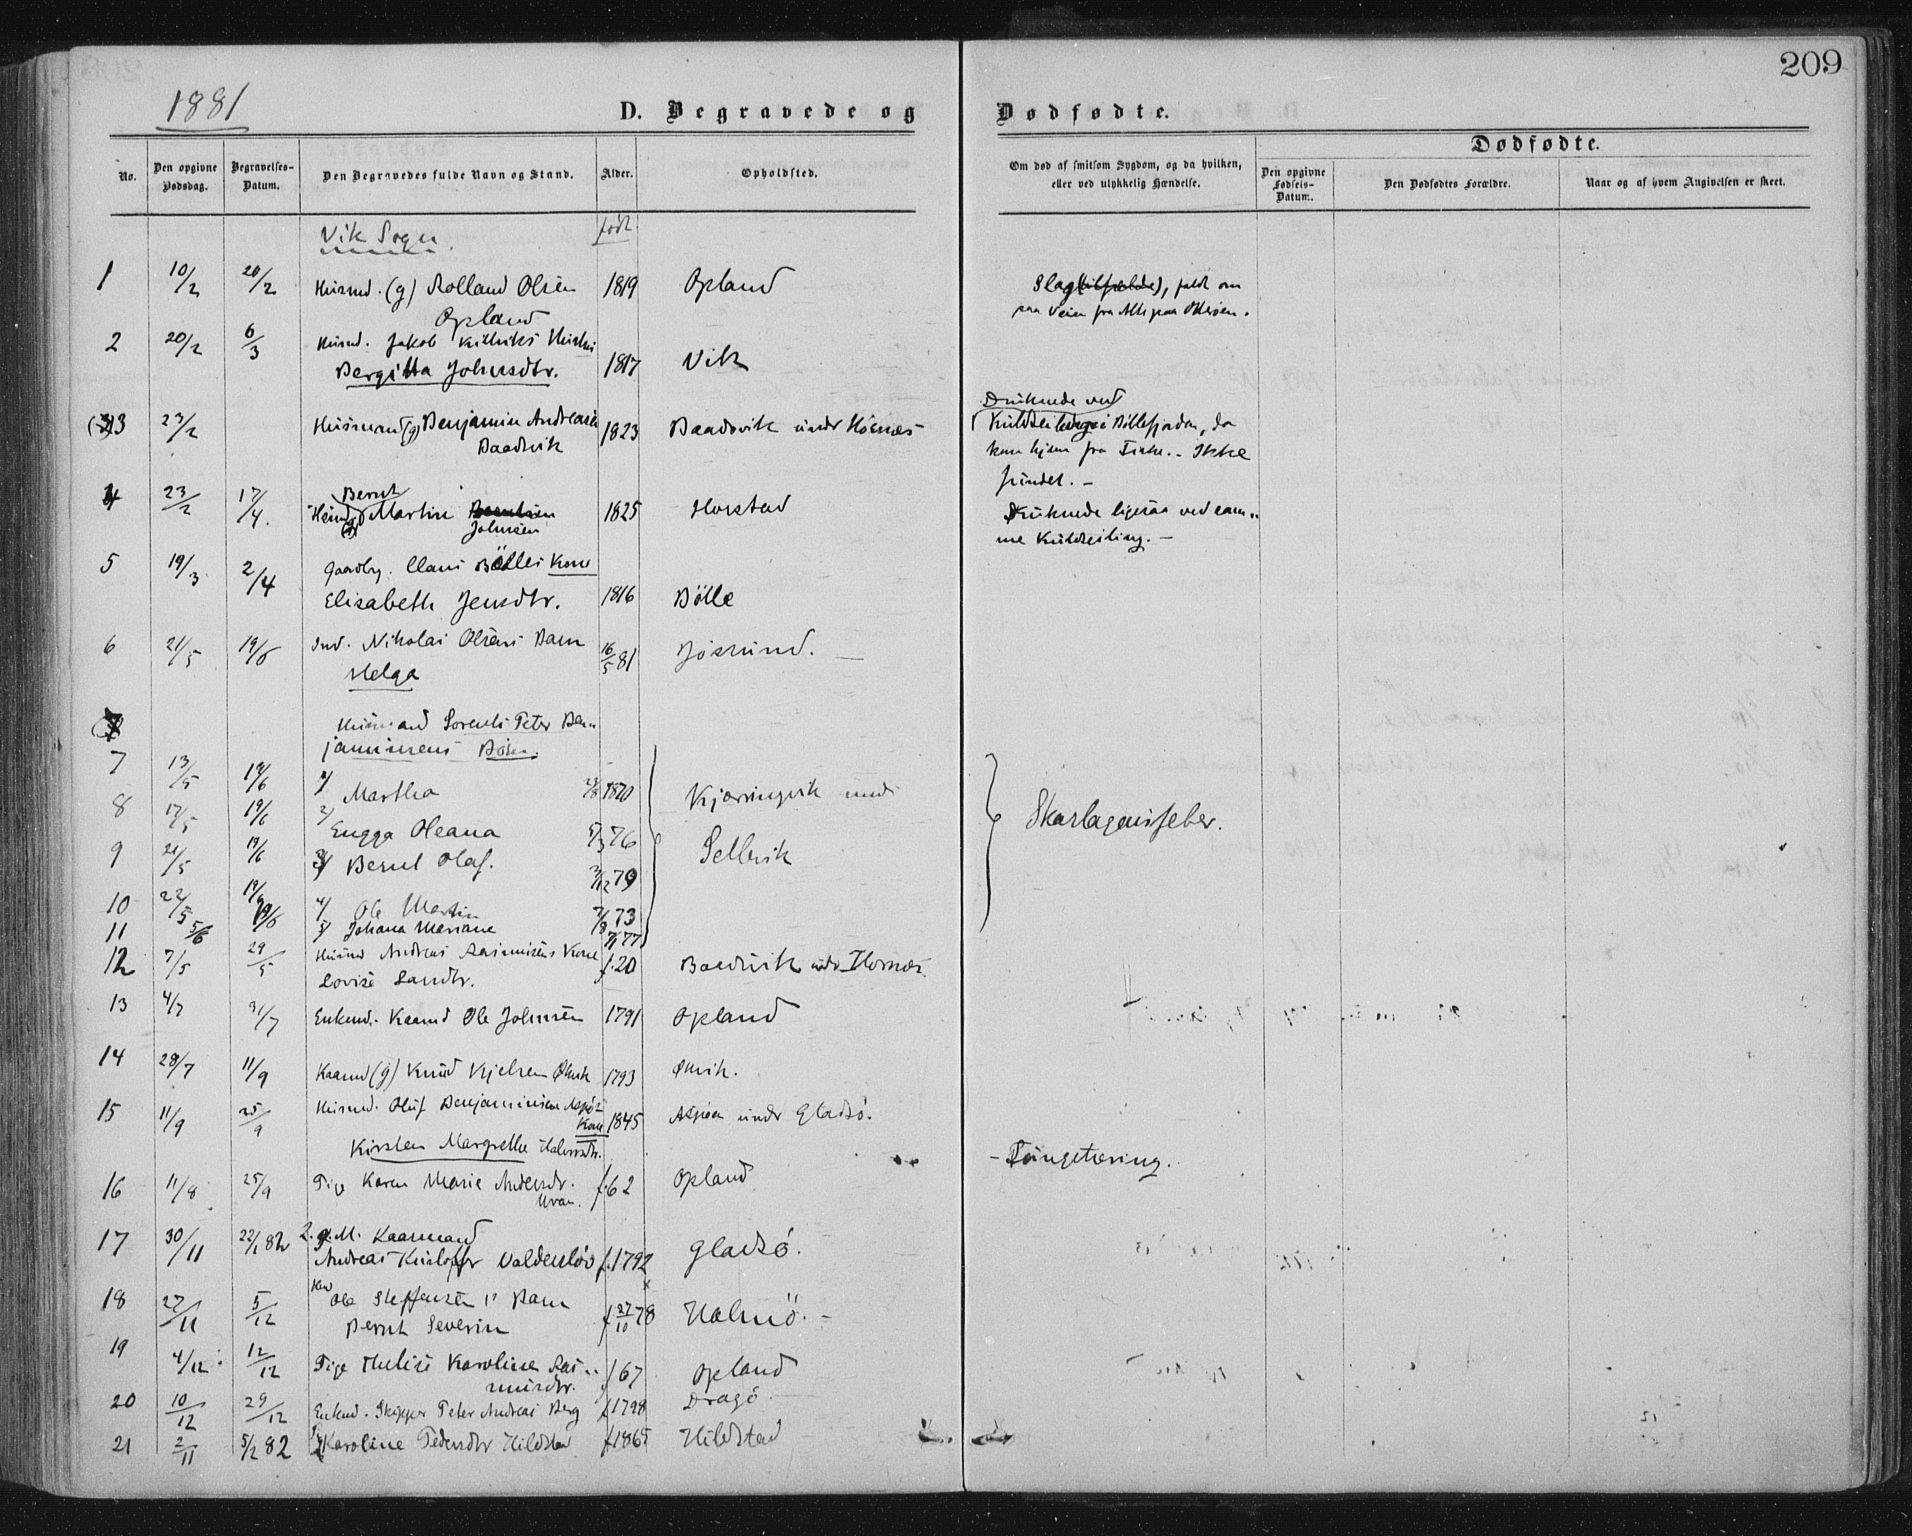 SAT, Ministerialprotokoller, klokkerbøker og fødselsregistre - Nord-Trøndelag, 771/L0596: Ministerialbok nr. 771A03, 1870-1884, s. 209